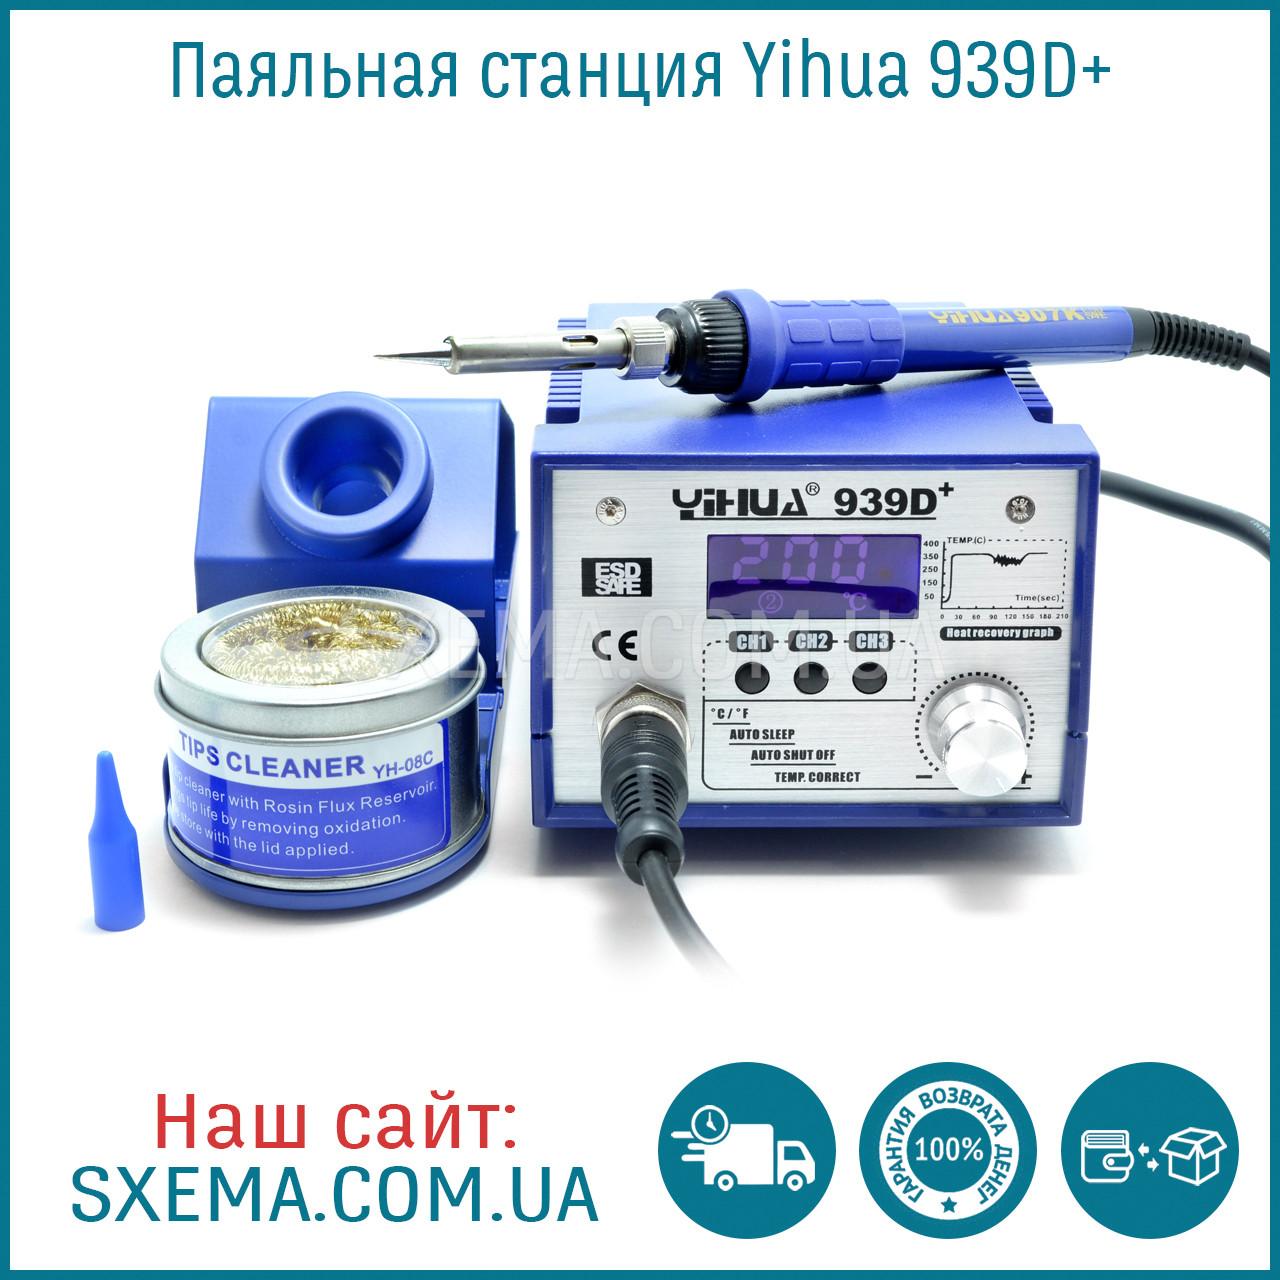 Паяльная станция YIHUA 939D+ паяльник с цифровой индикацией и аналоговым регулятором, фото 1